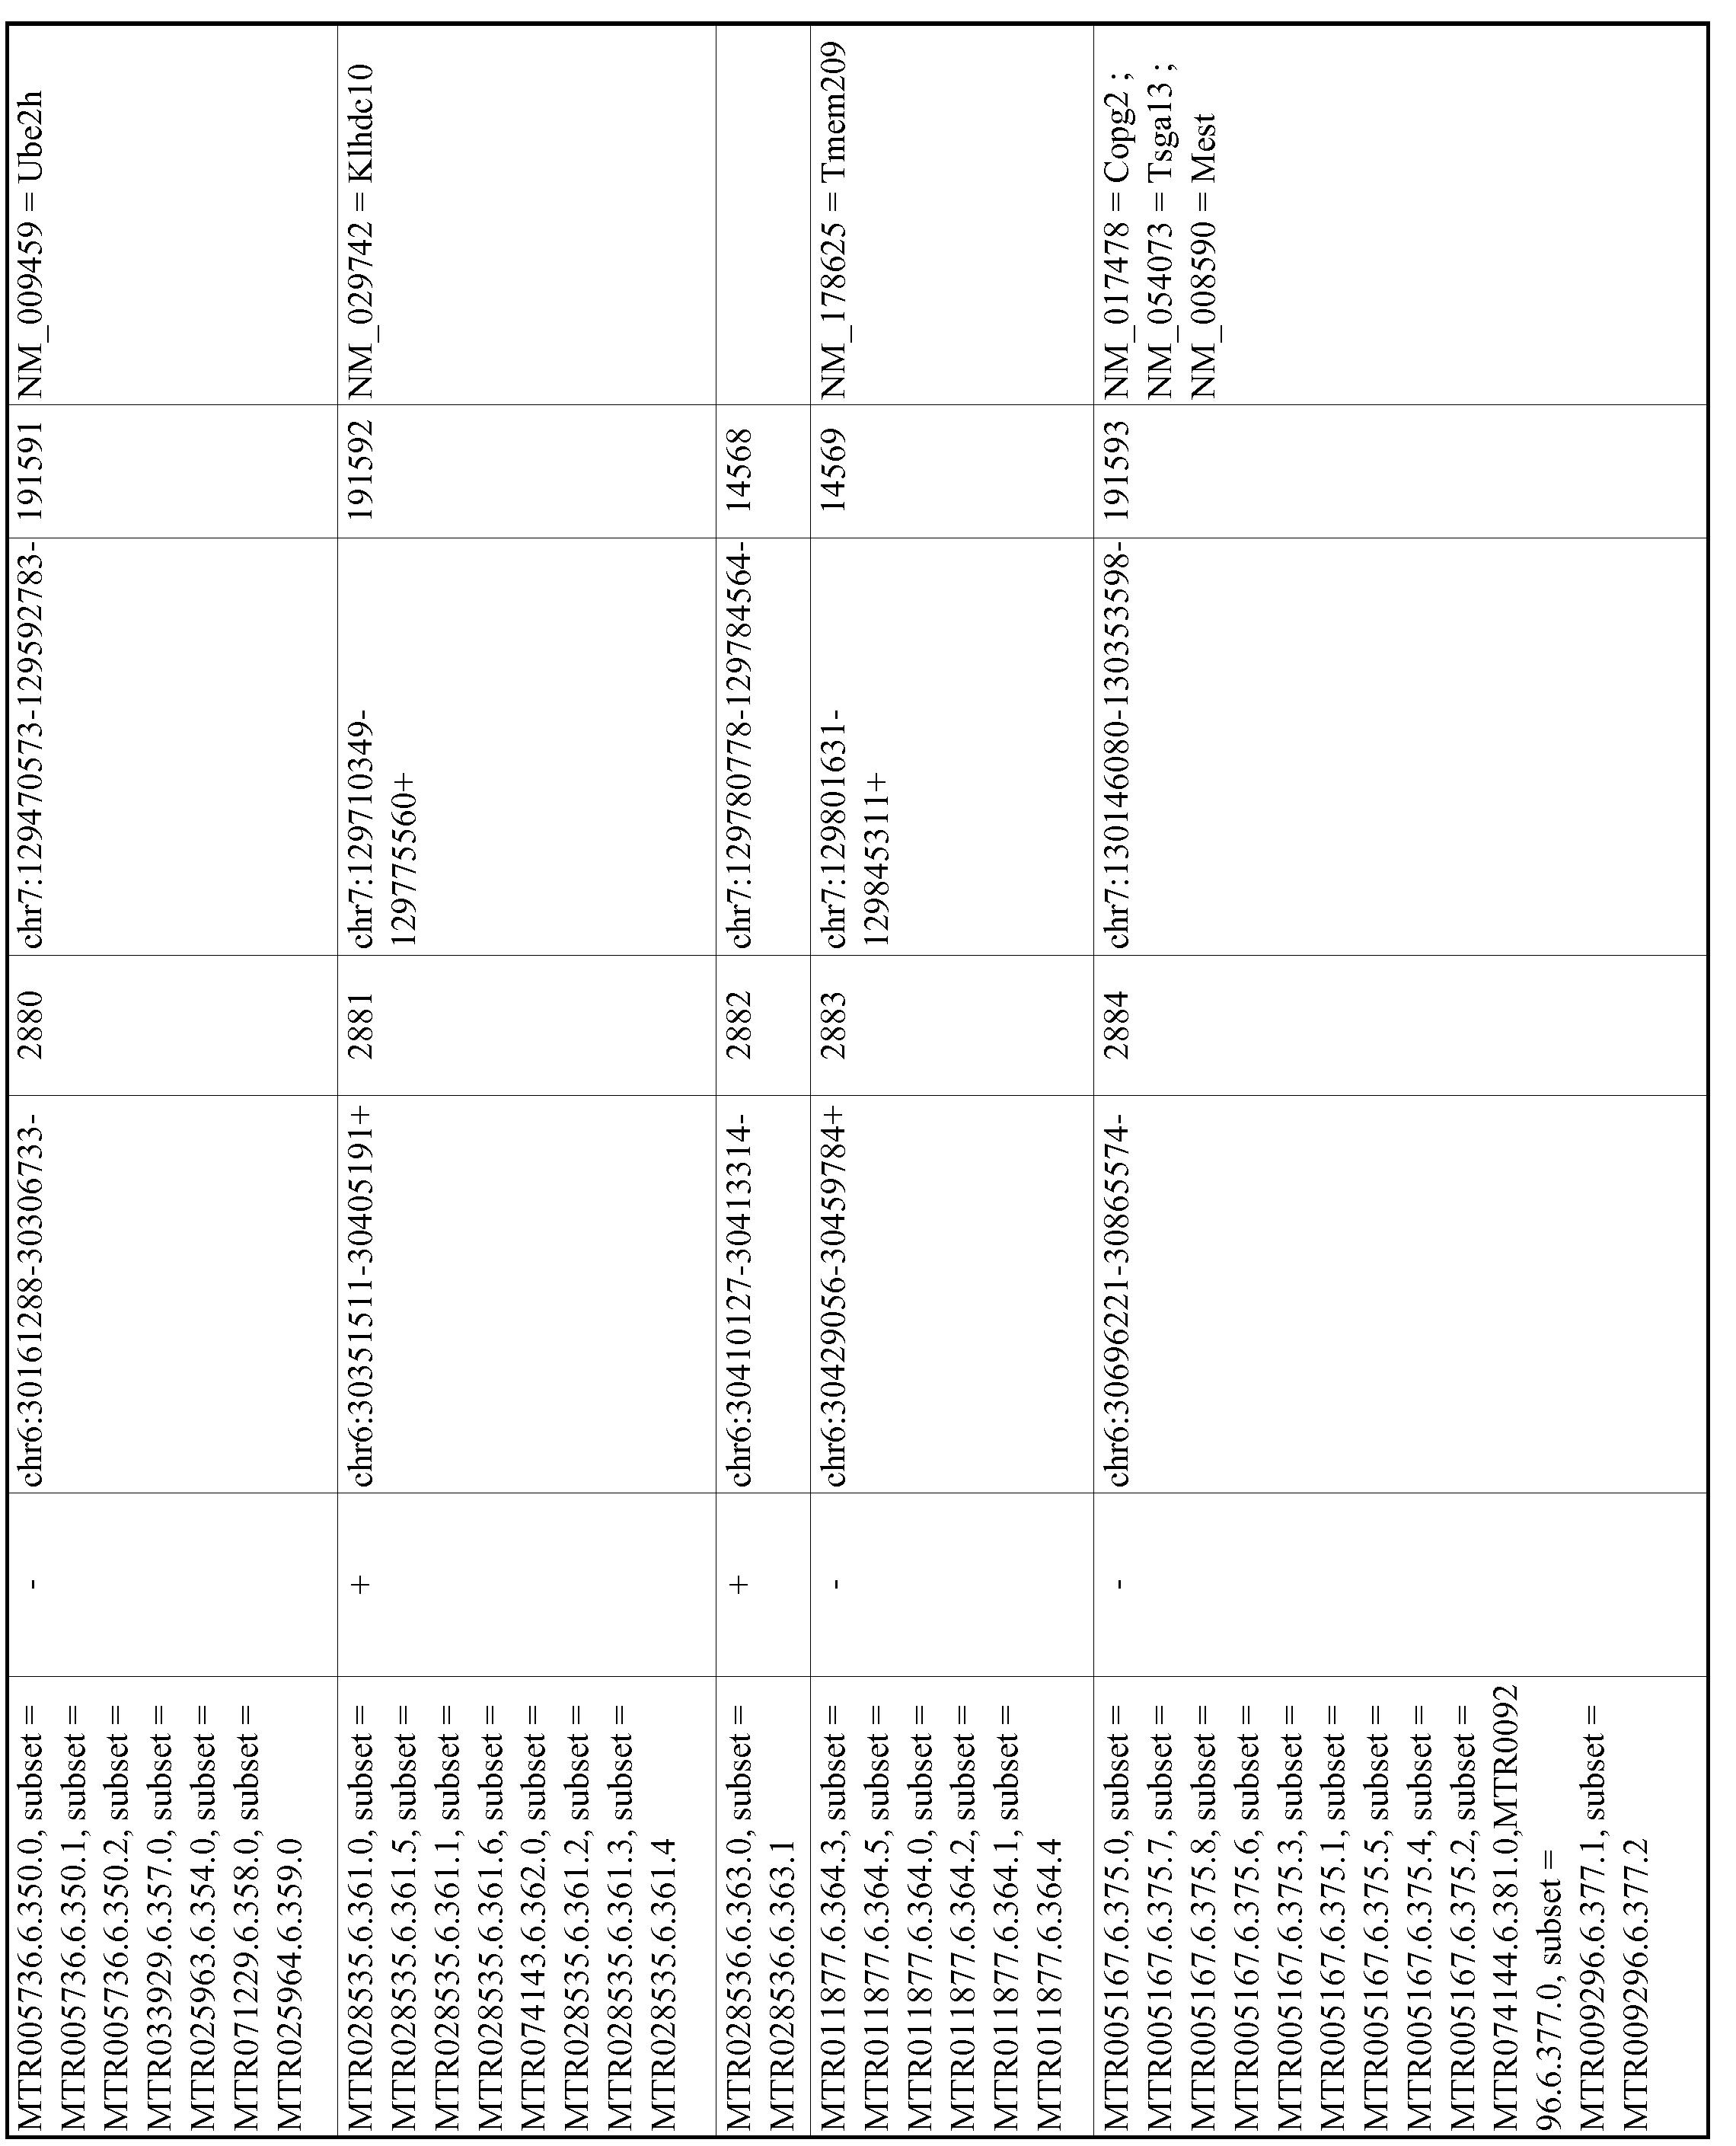 Figure imgf000589_0001